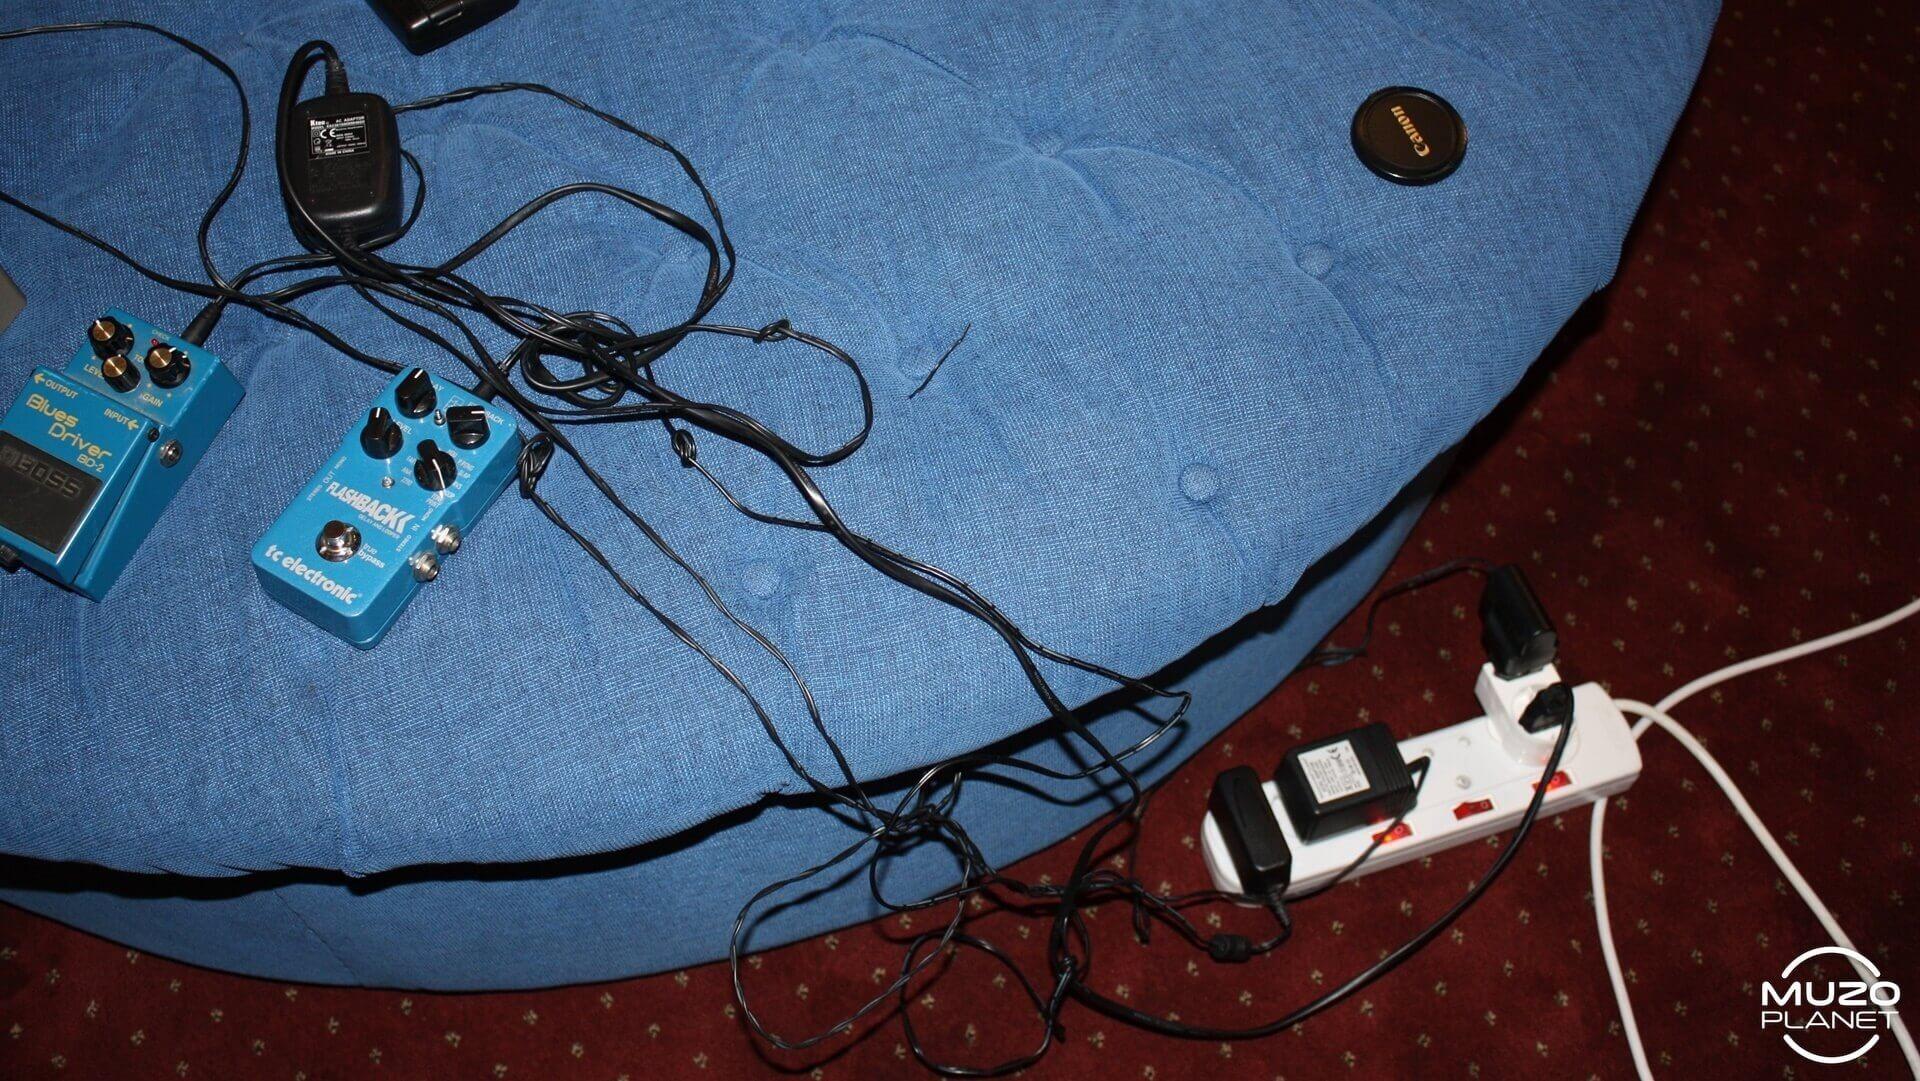 muzoplanet gear check jeandré schultz - Duesenberg guitars